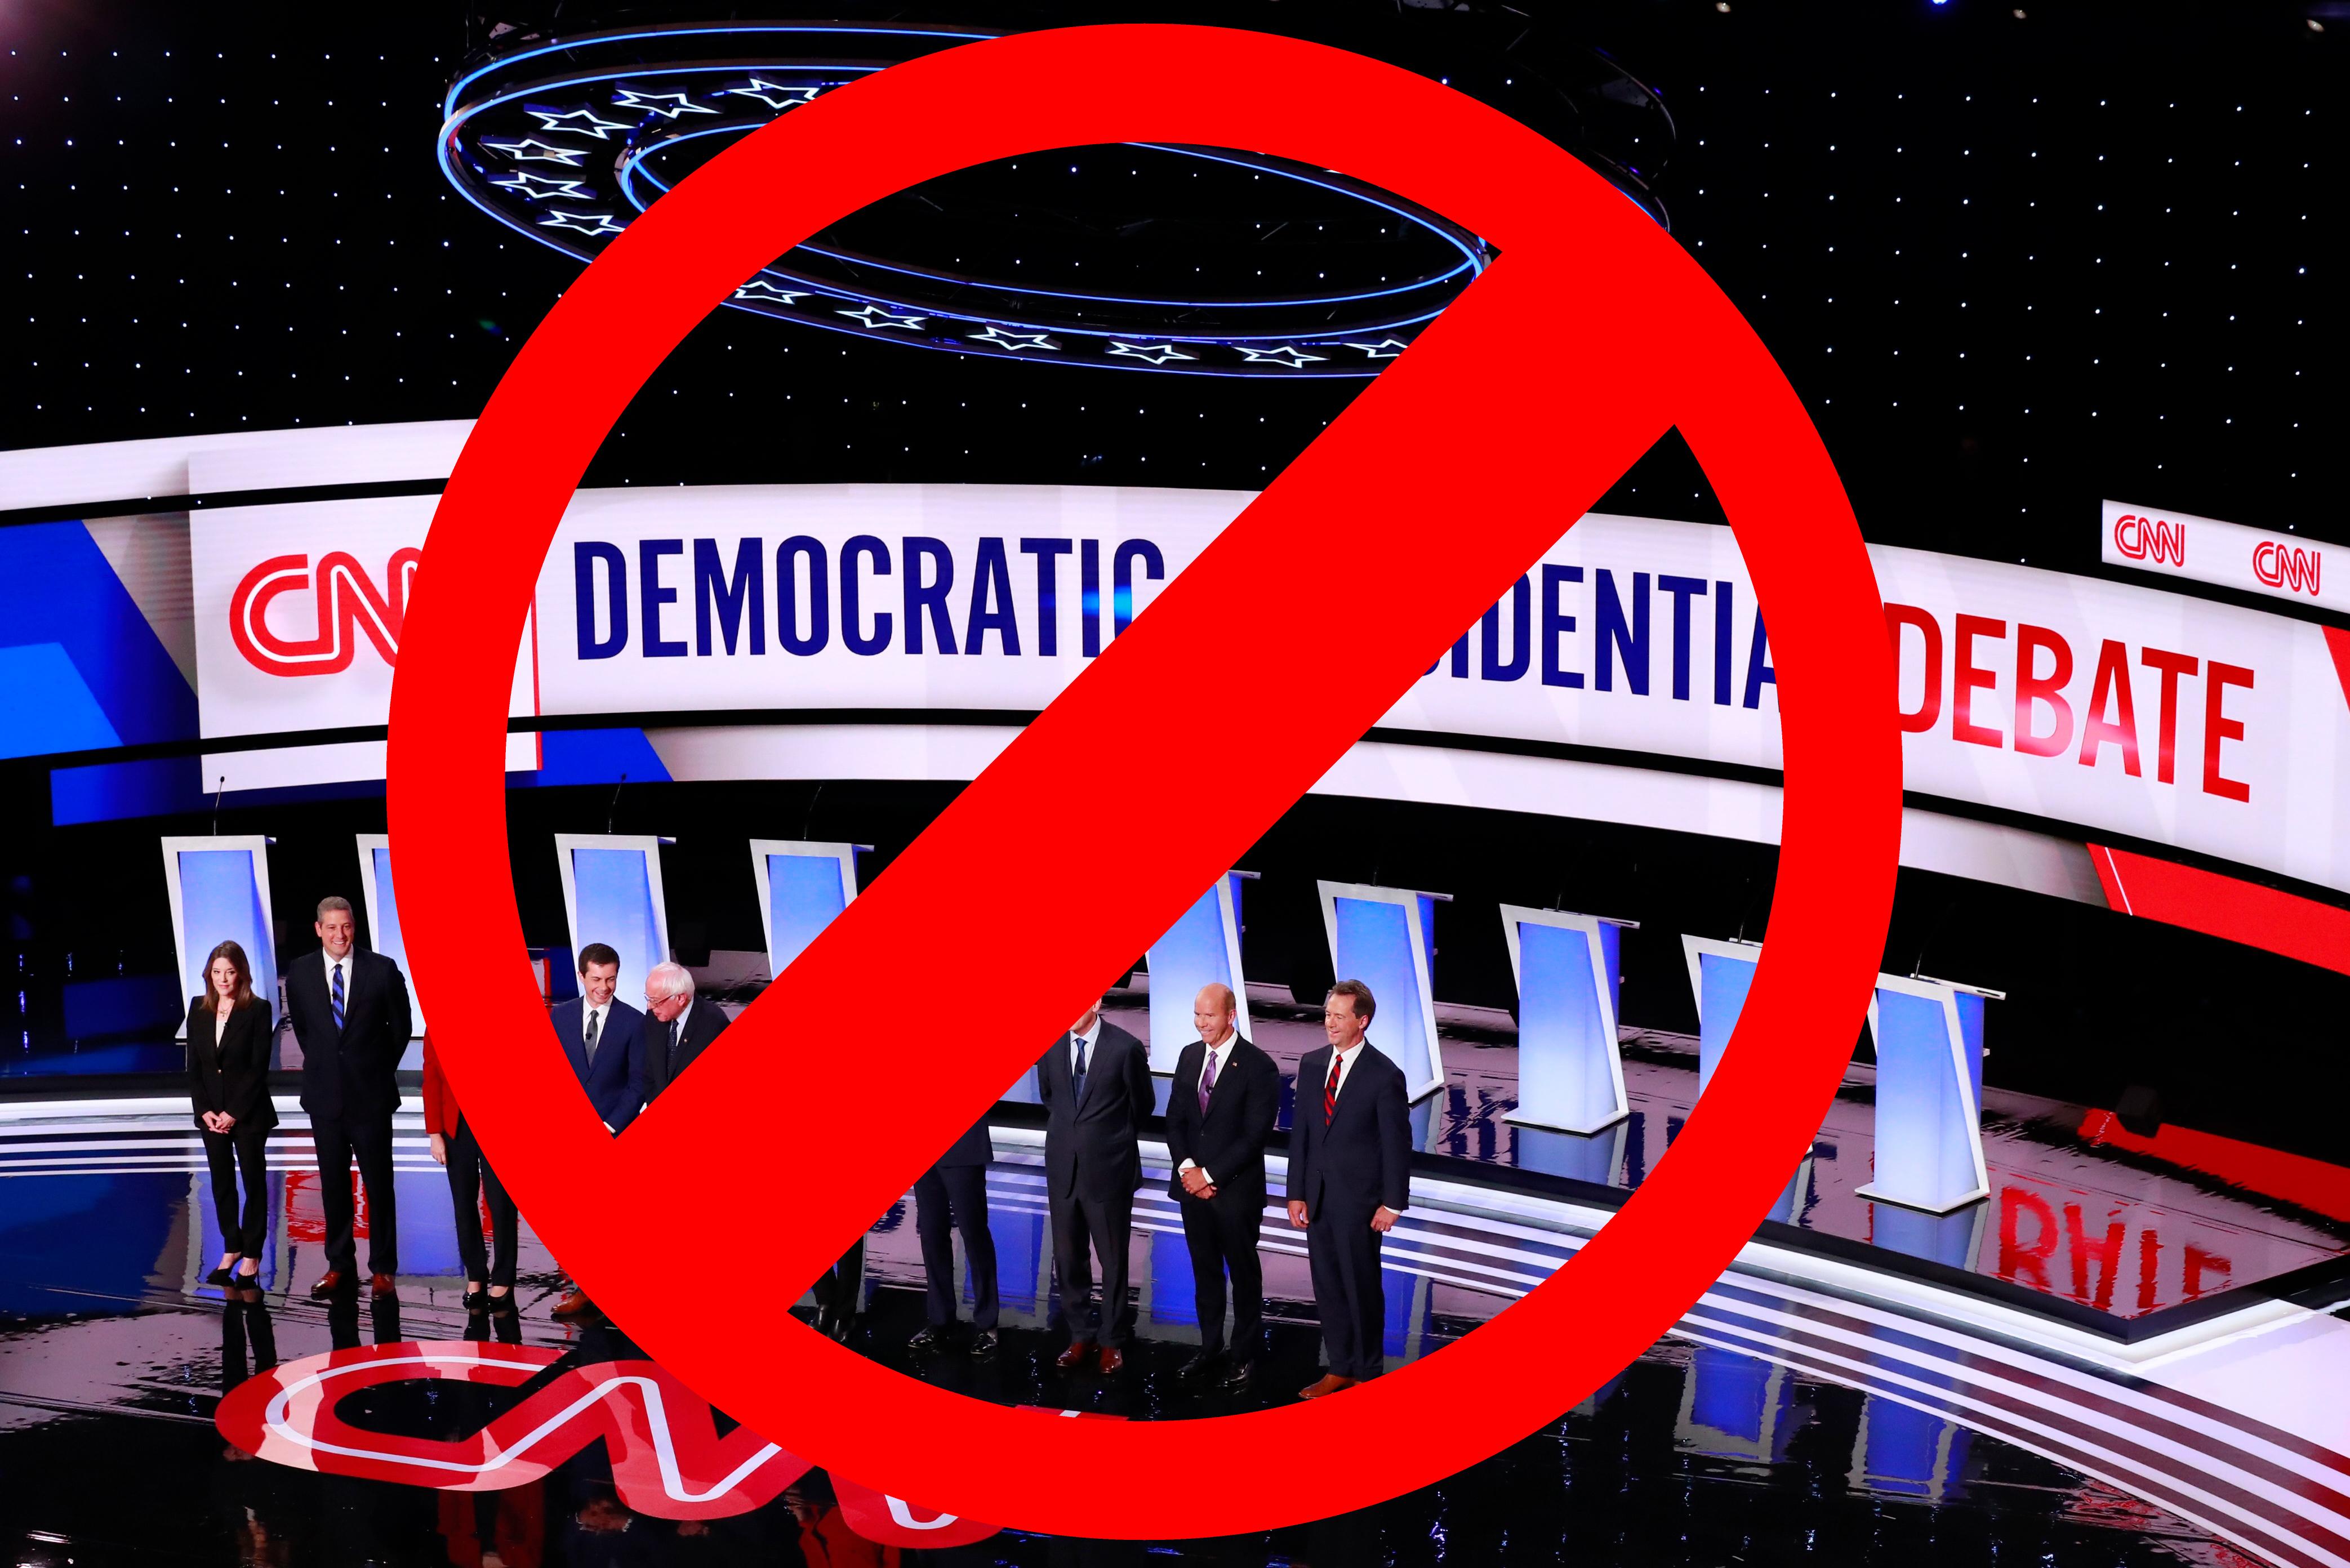 https://qz com/1670876/2020-democratic-candidates-fail-to-confront